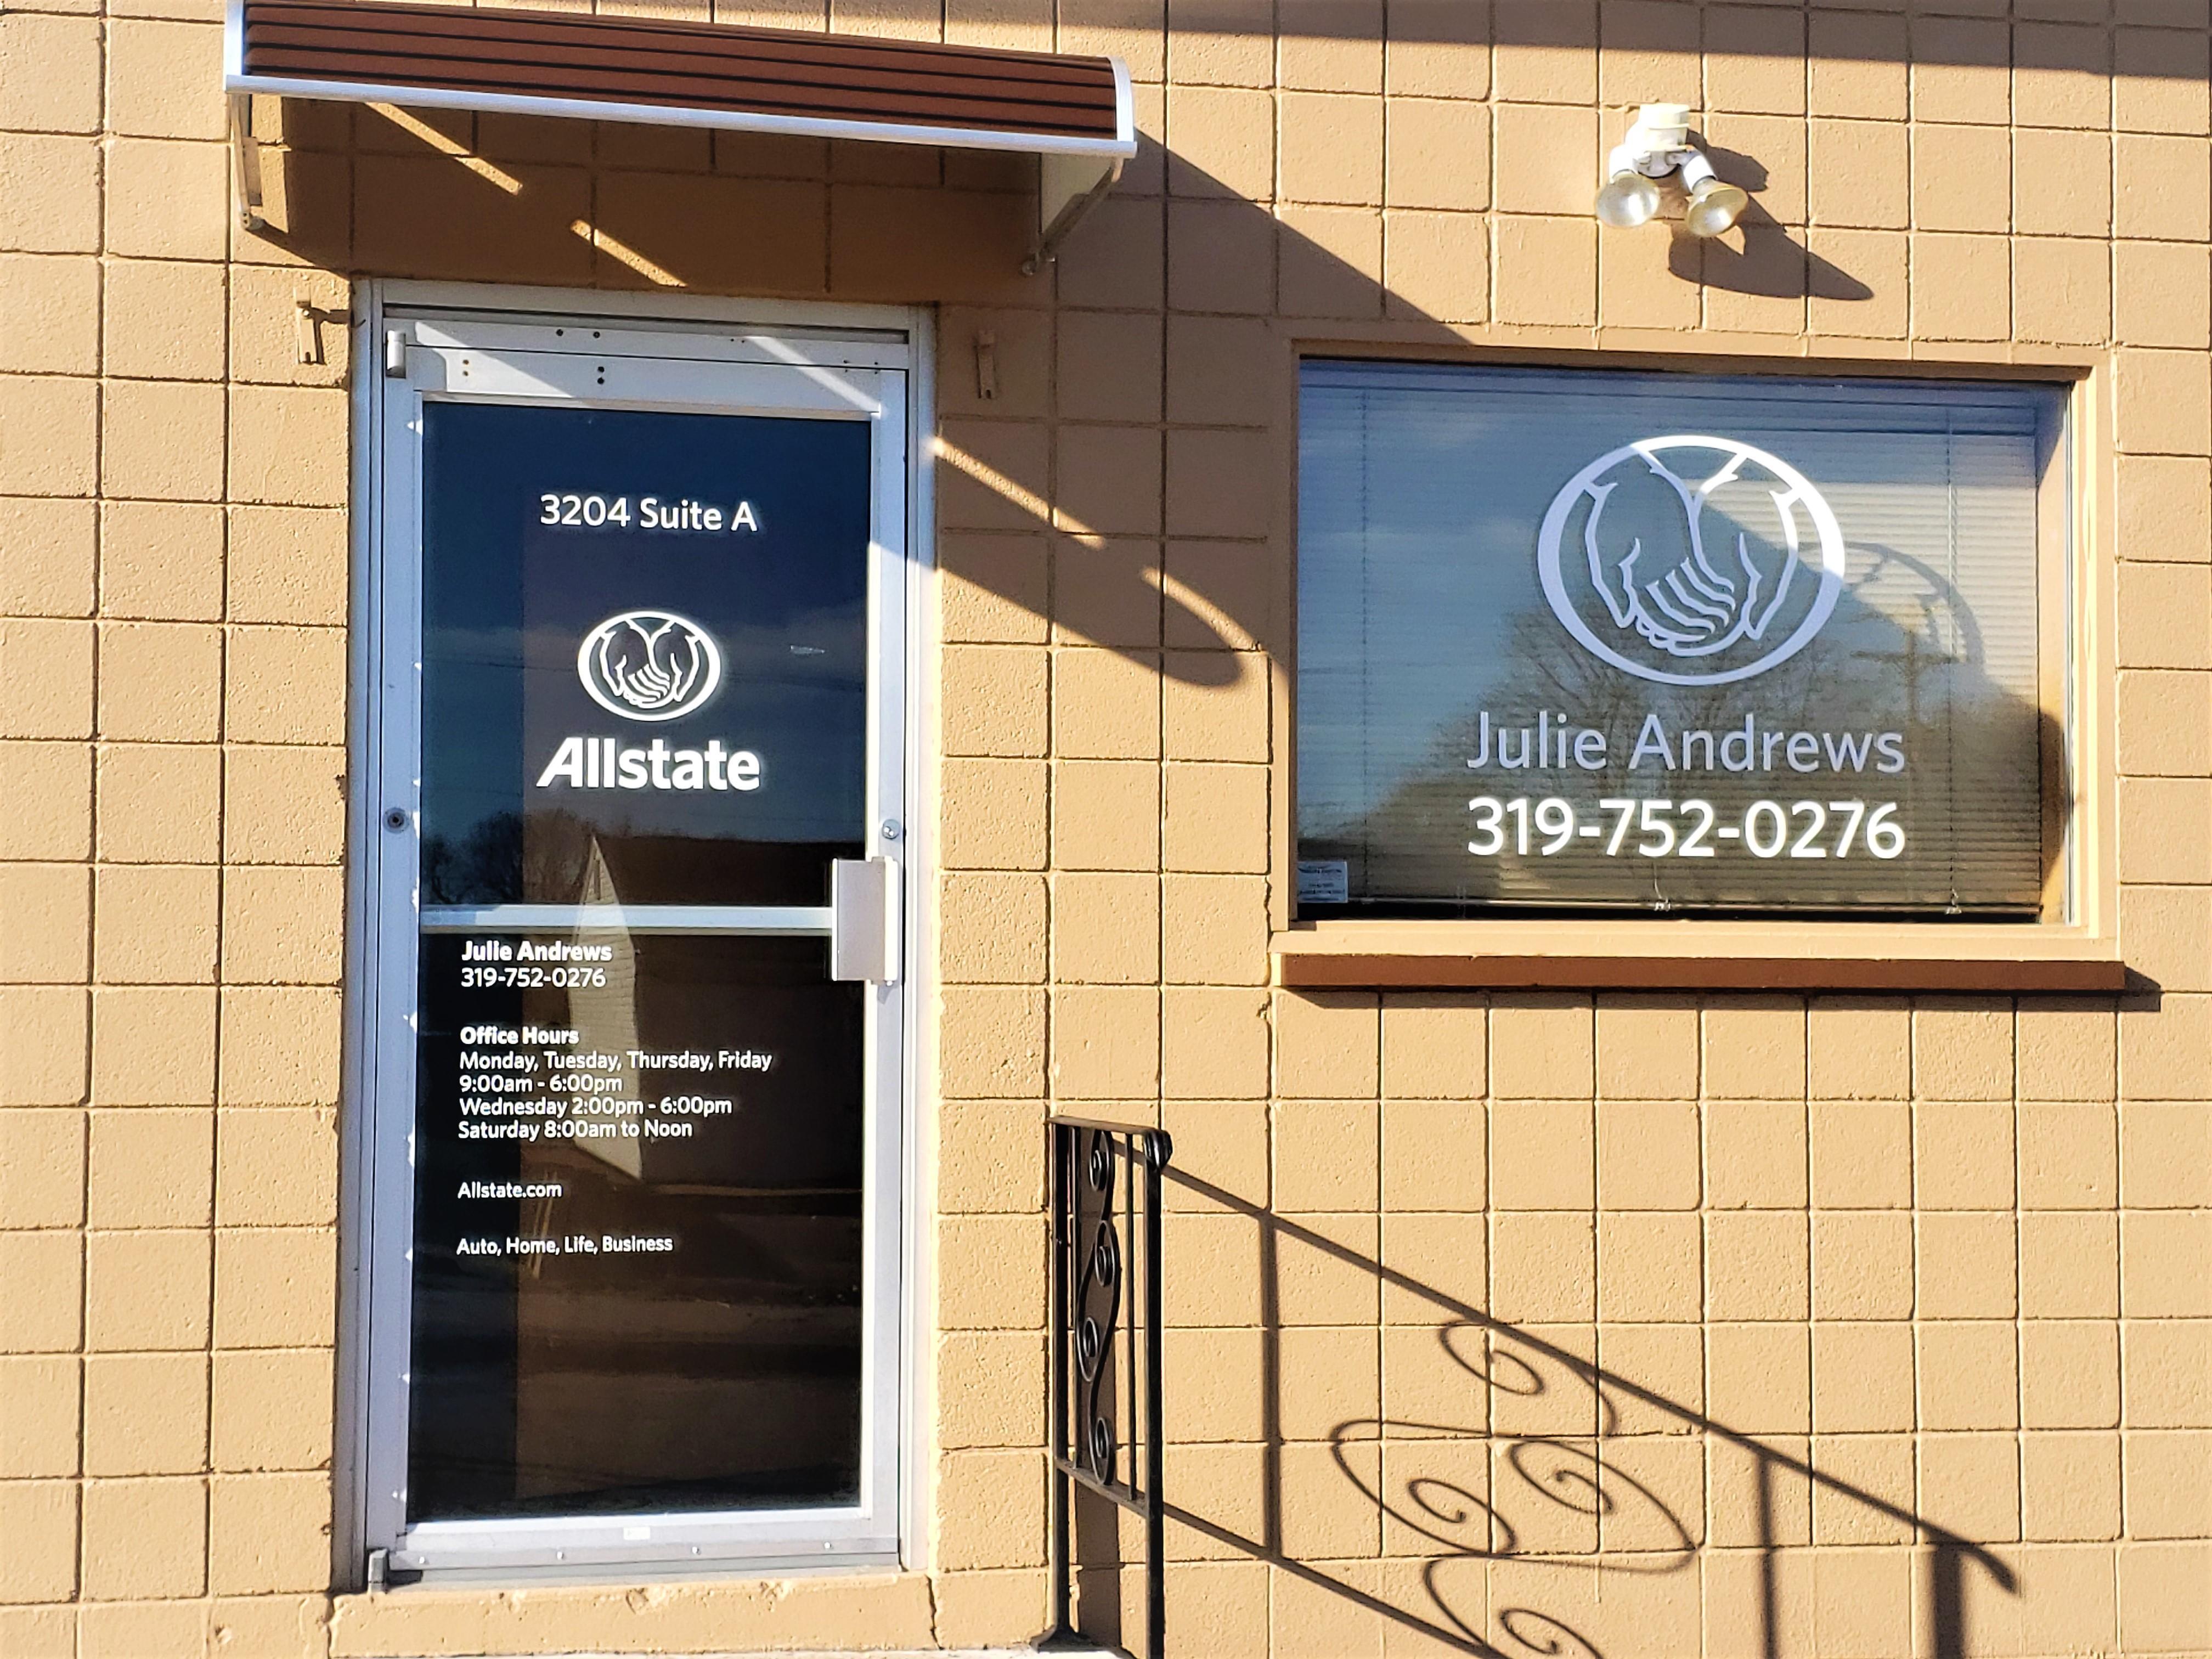 Allstate Insurance Agent: Julie Andrews image 3